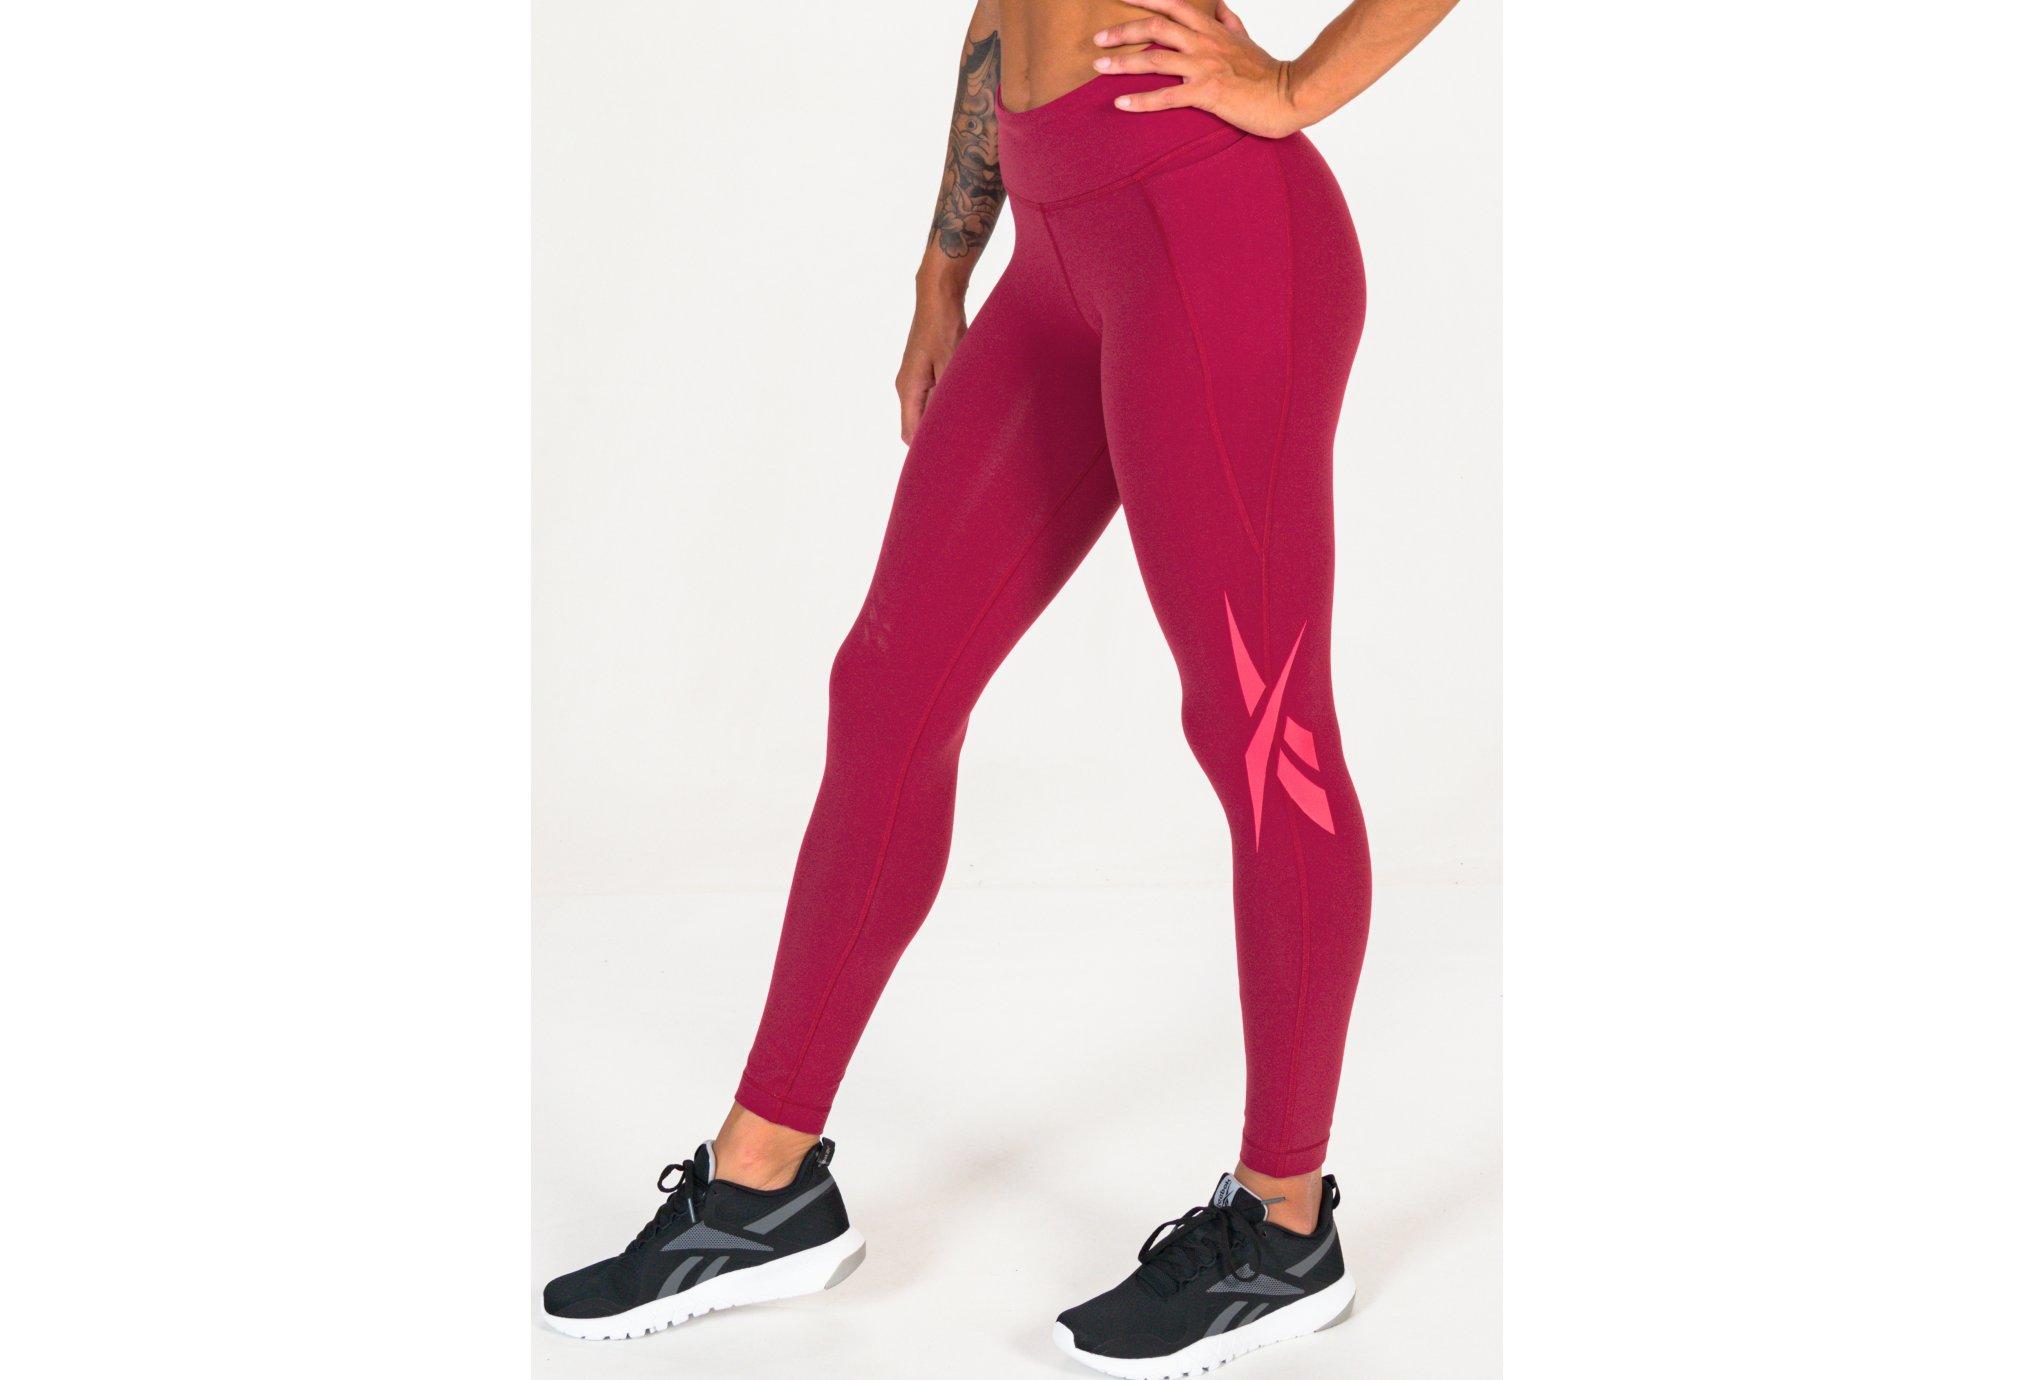 Reebok Lux W vêtement running femme